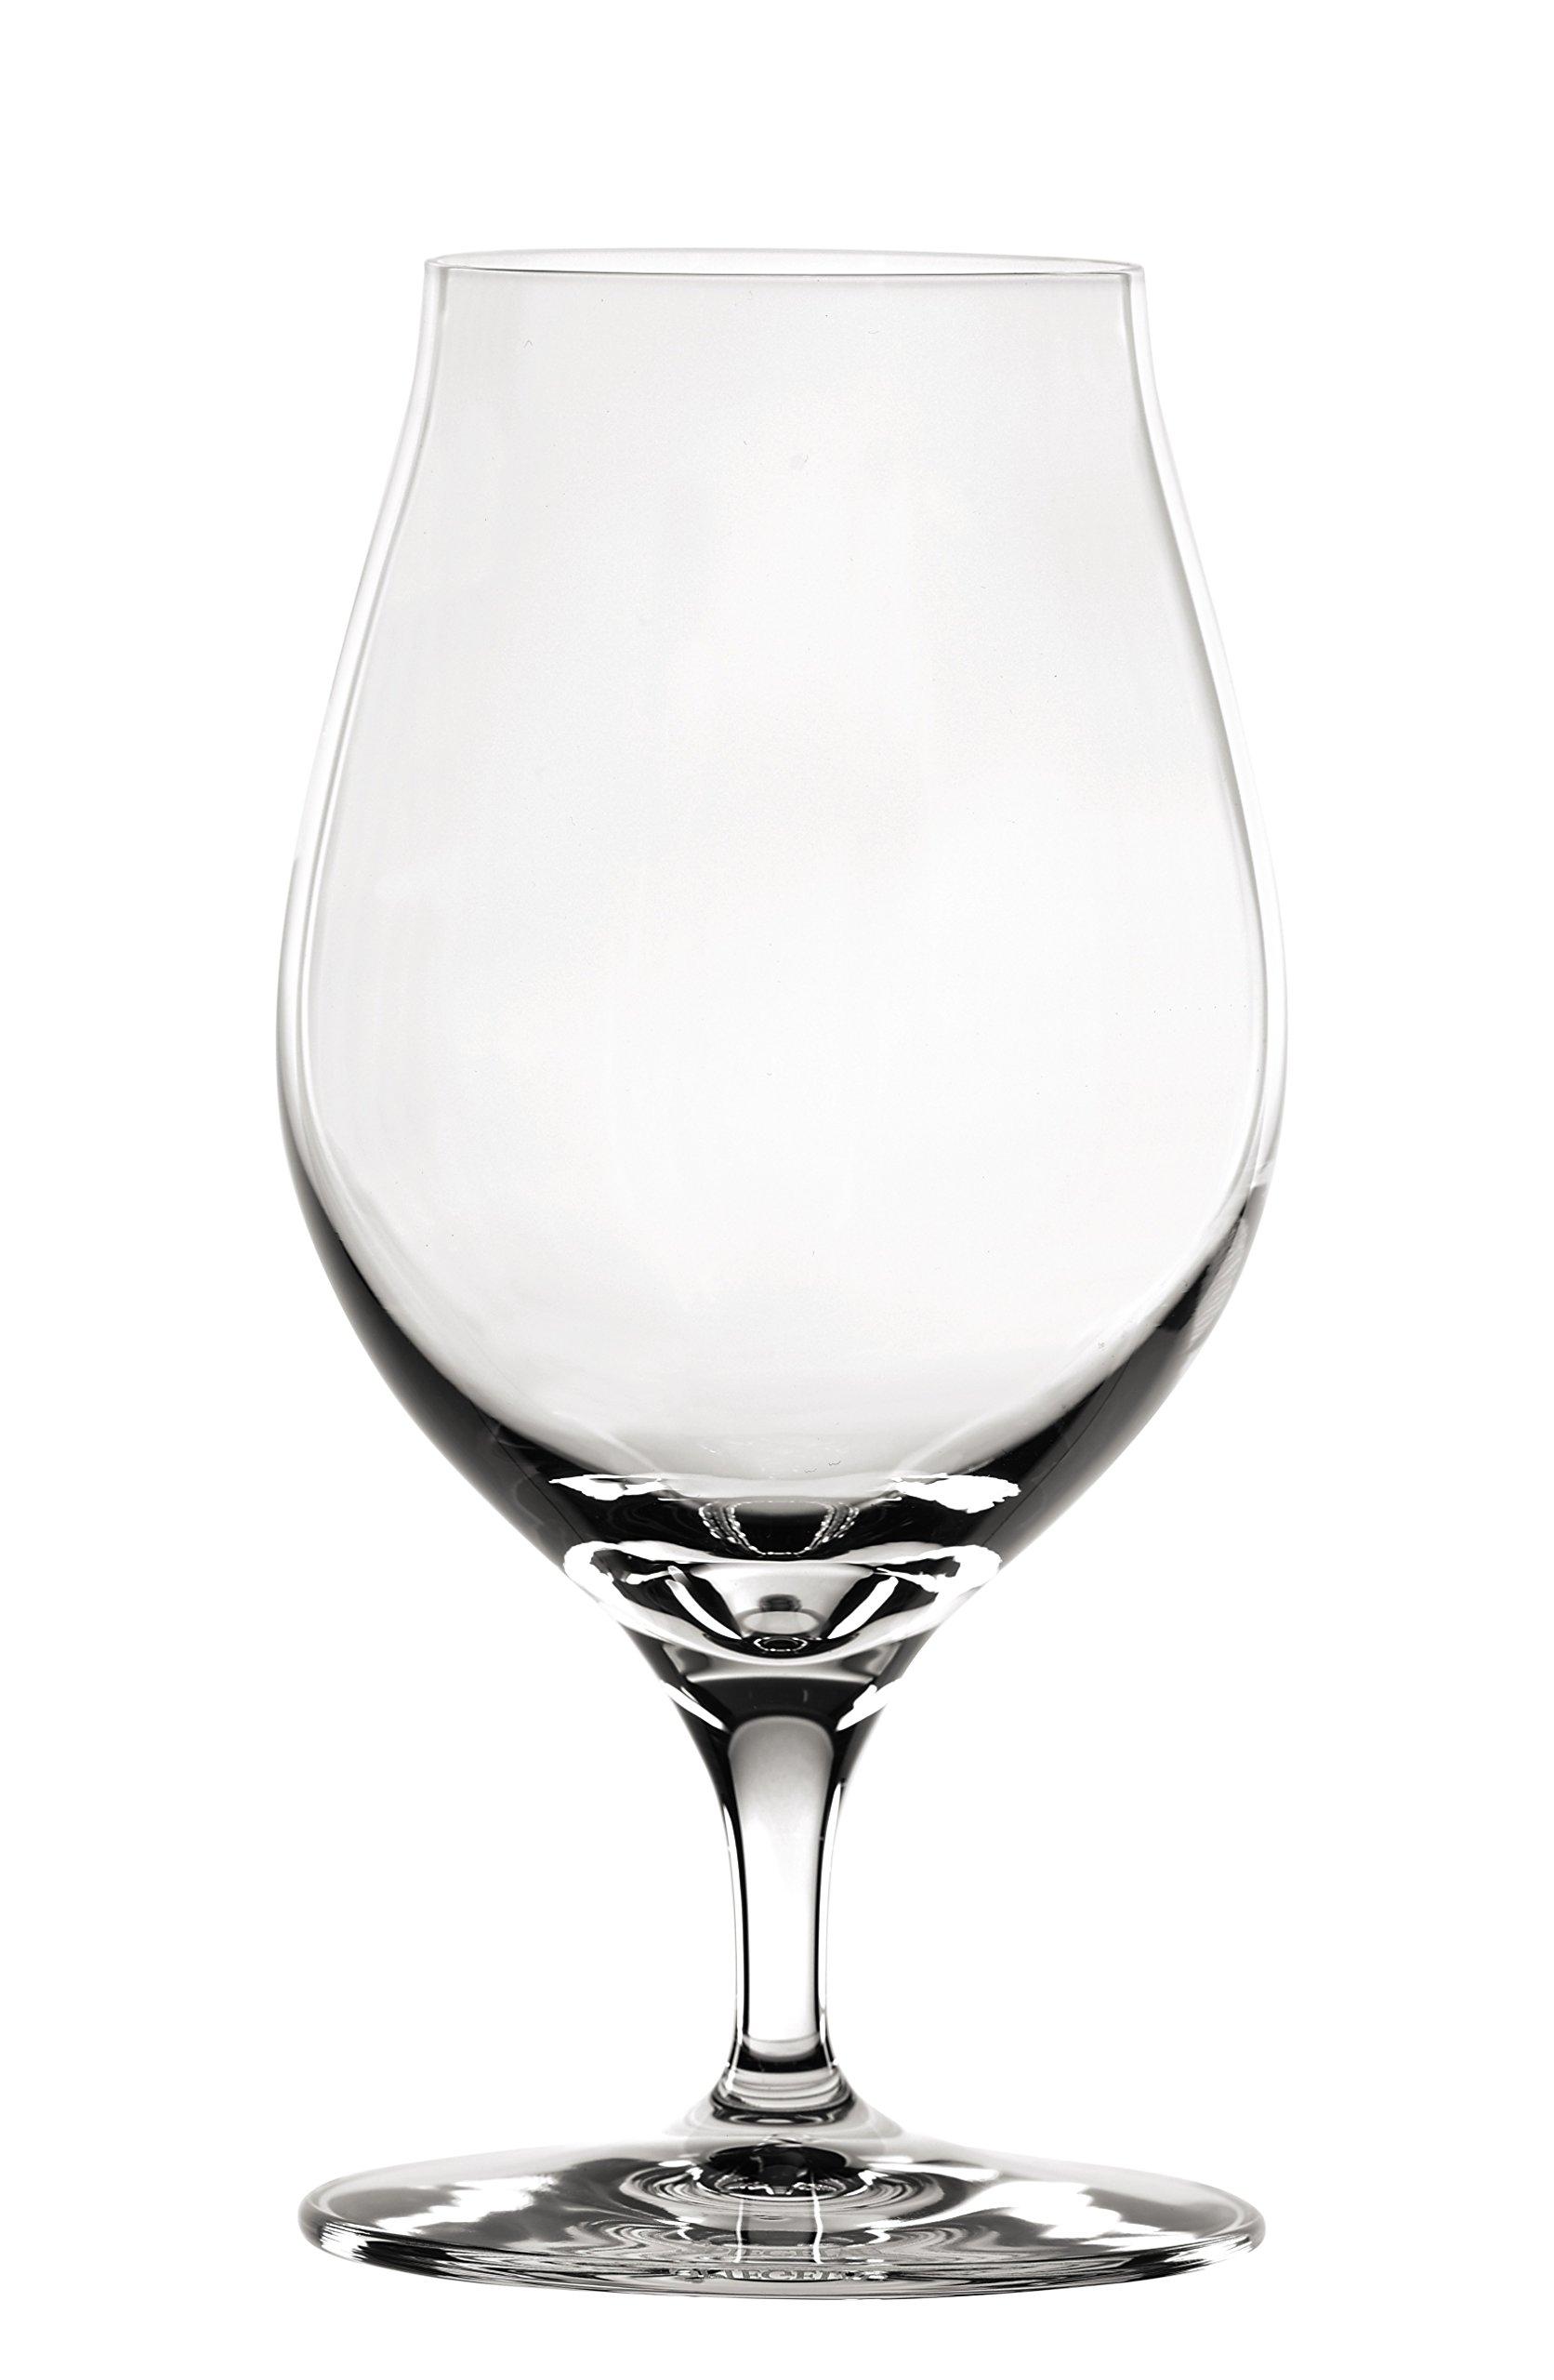 Spiegelau & Nachtmann, Cristal, Craft Beer Glasses, Vidrio, Claro, 2 Gläser: Amazon.es: Hogar